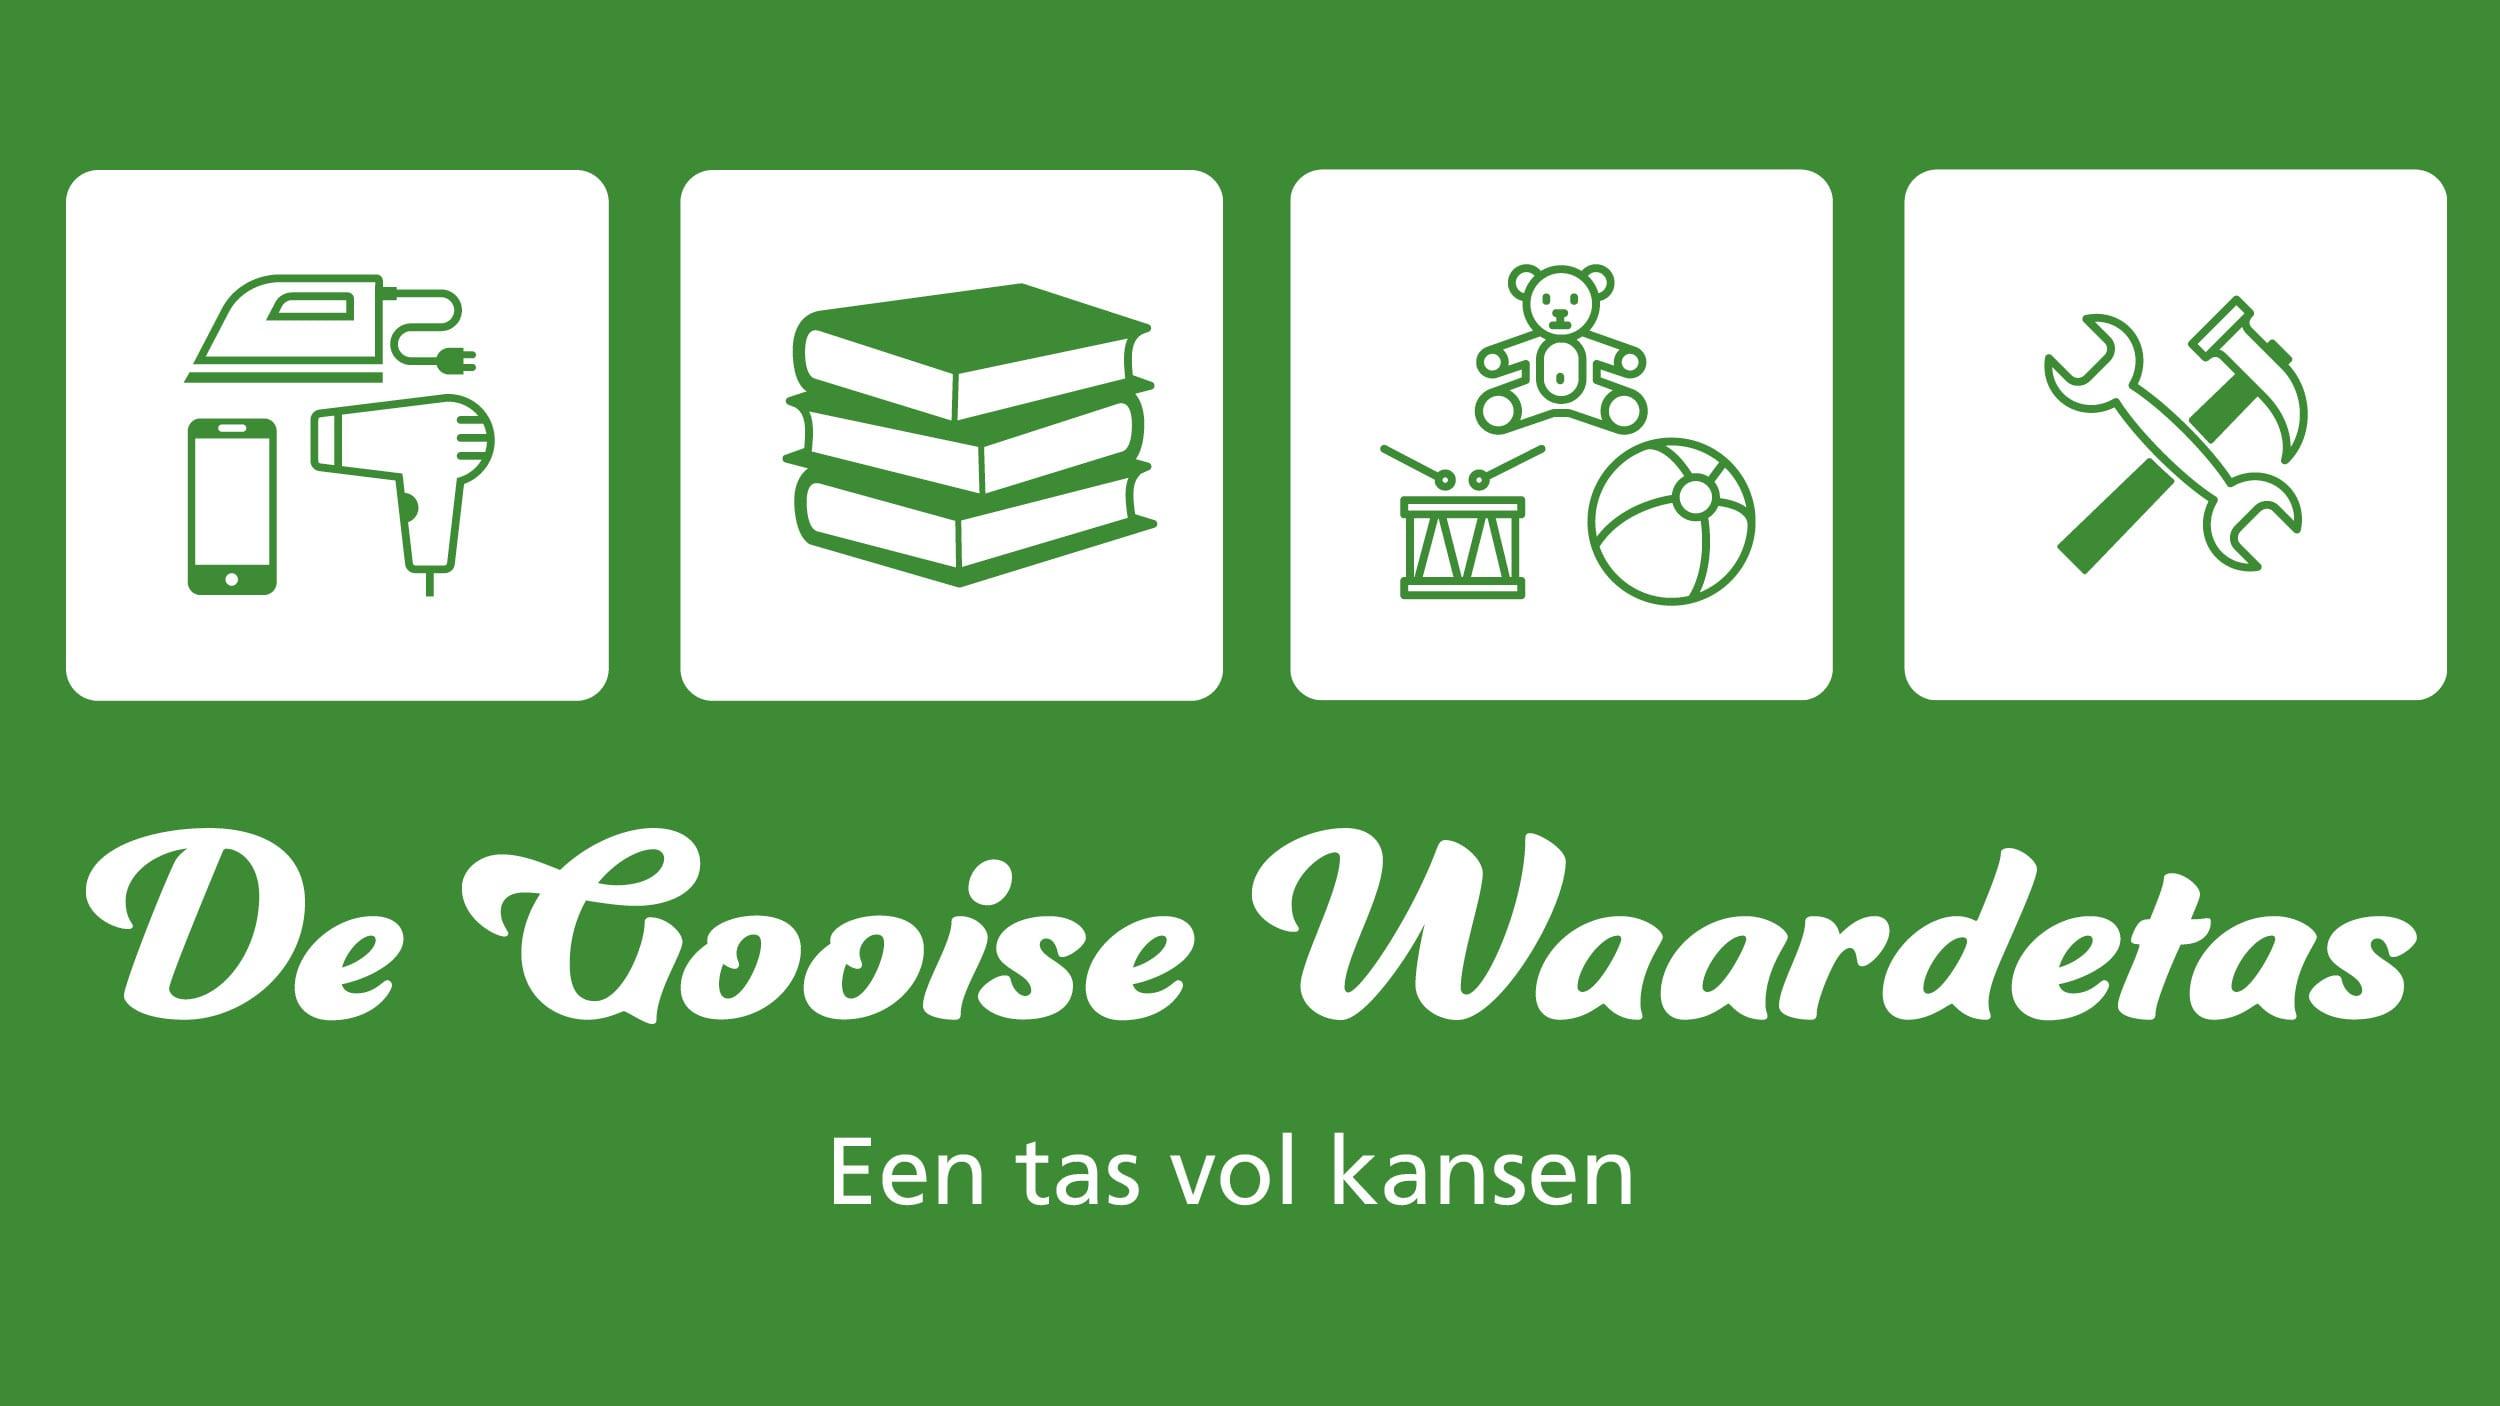 Lees meer over het artikel De Gooise Waardetas